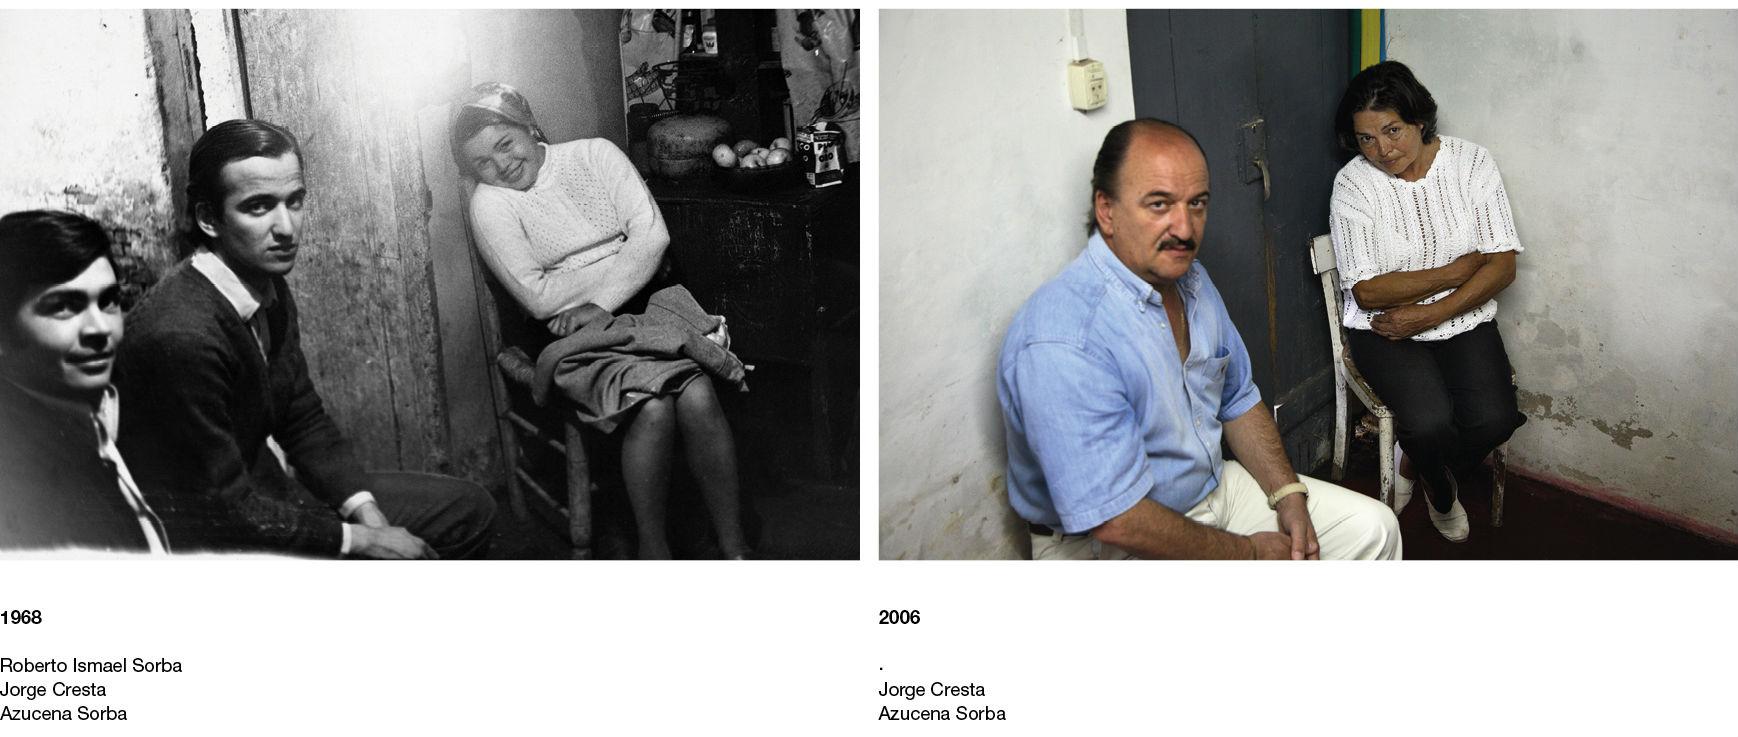 Gustavo Germano Ausencias desaparecidos Argentina13